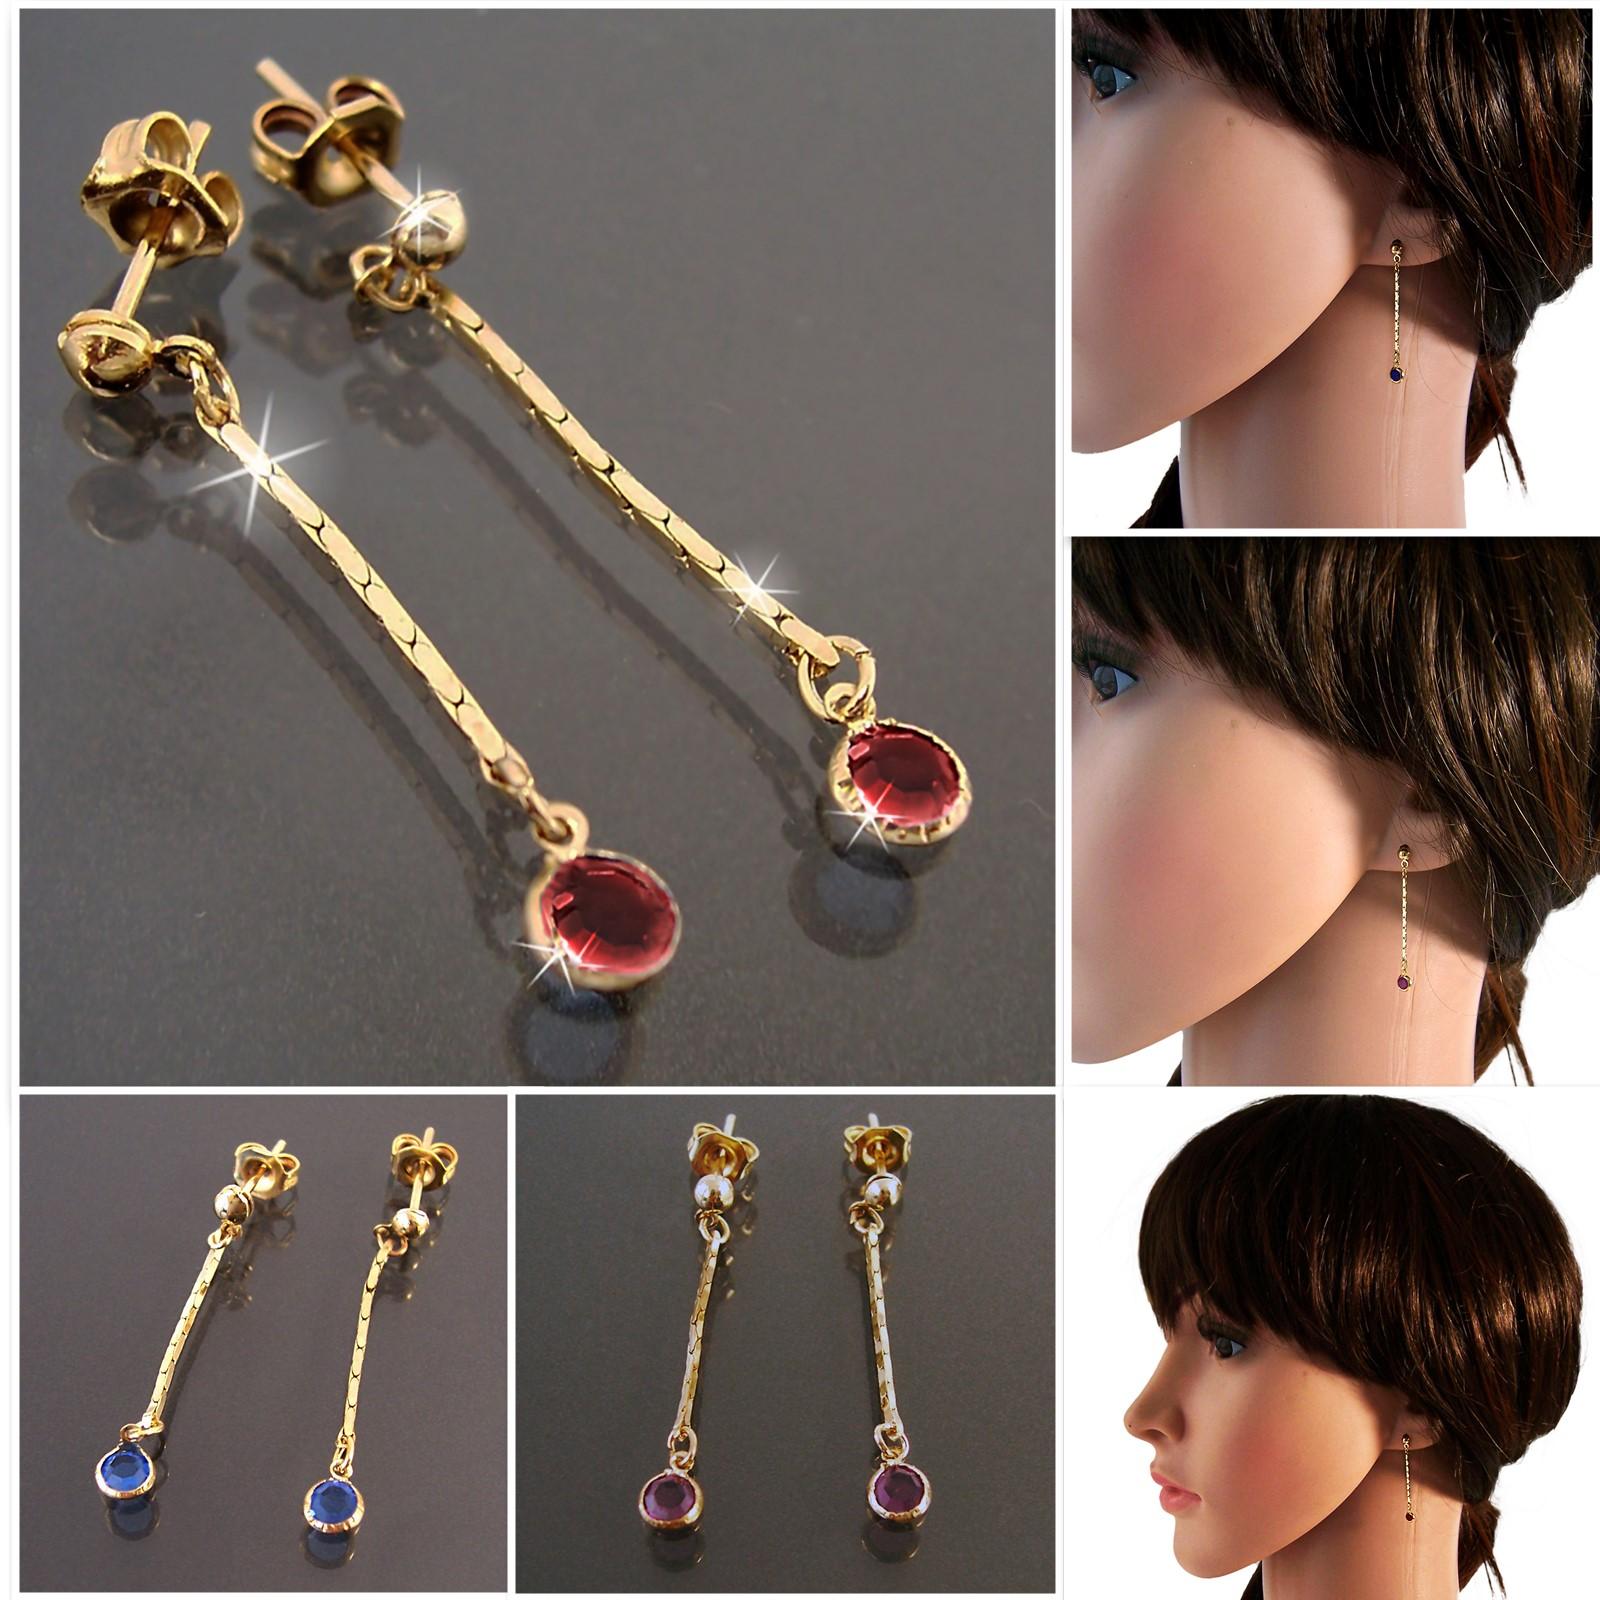 Ohrringe Stecker Ohrhänger 3cm Gold plattiert Zirkonia Schmuck VO21